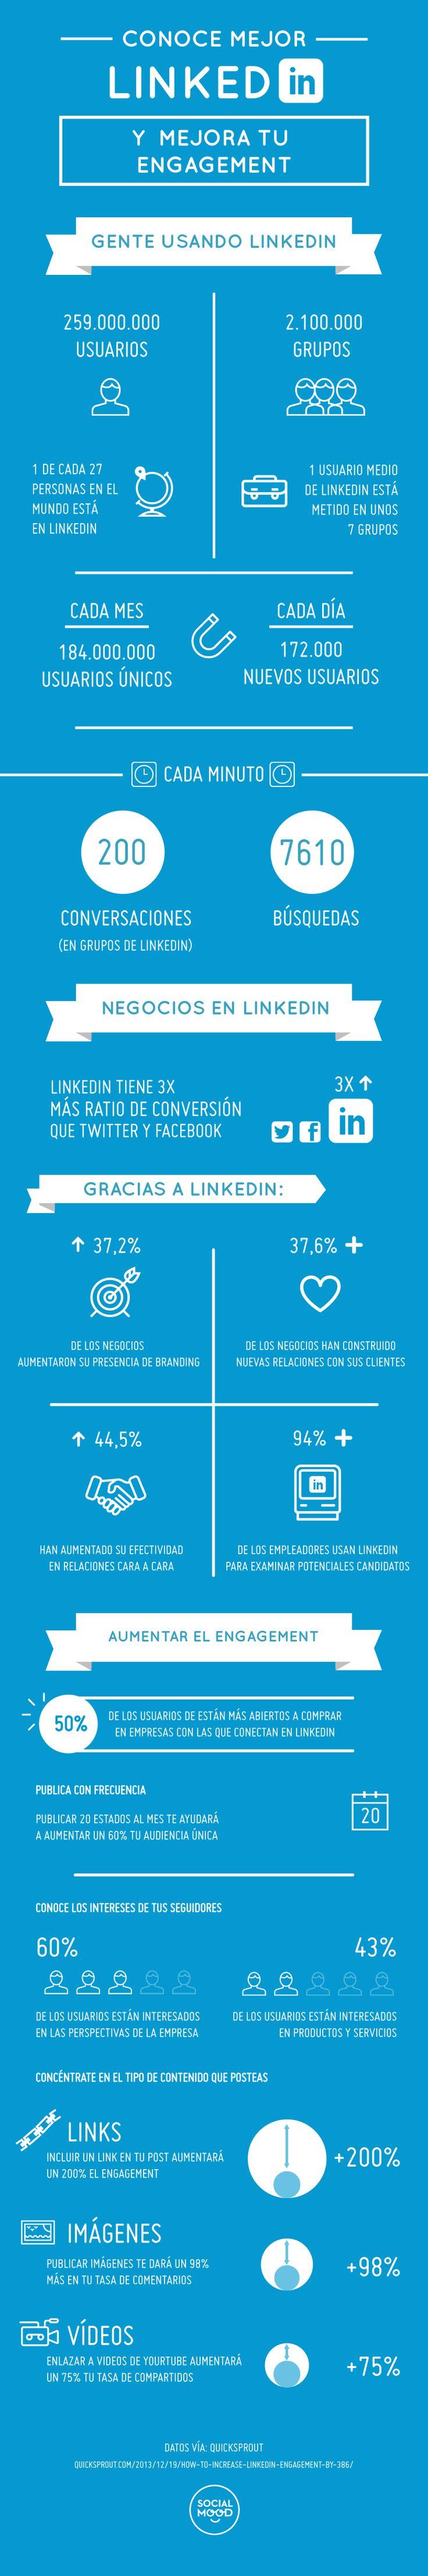 Cómo mejorar tu engagement en LinkedIn